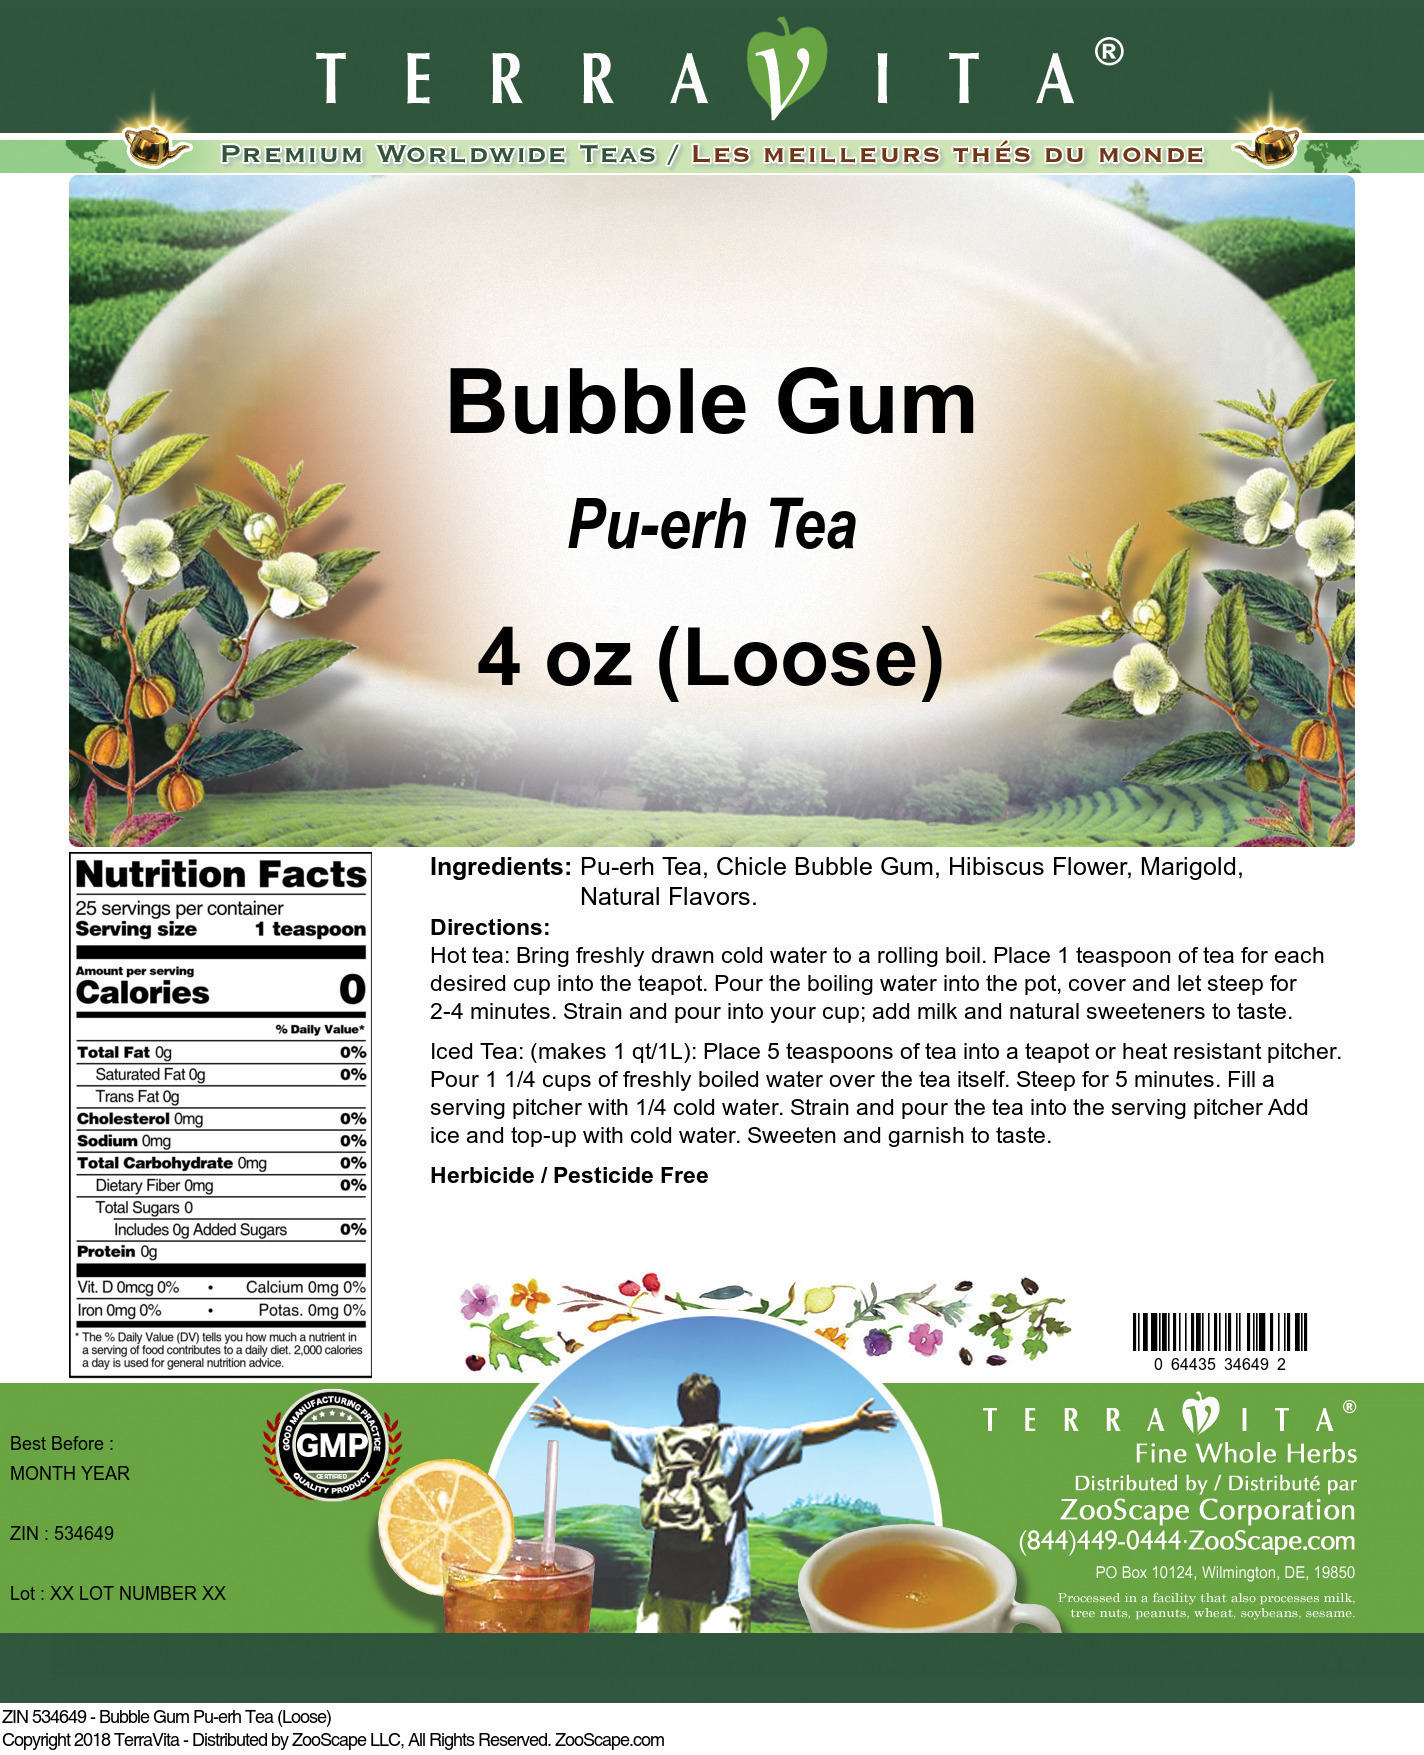 Bubble Gum Pu-erh Tea